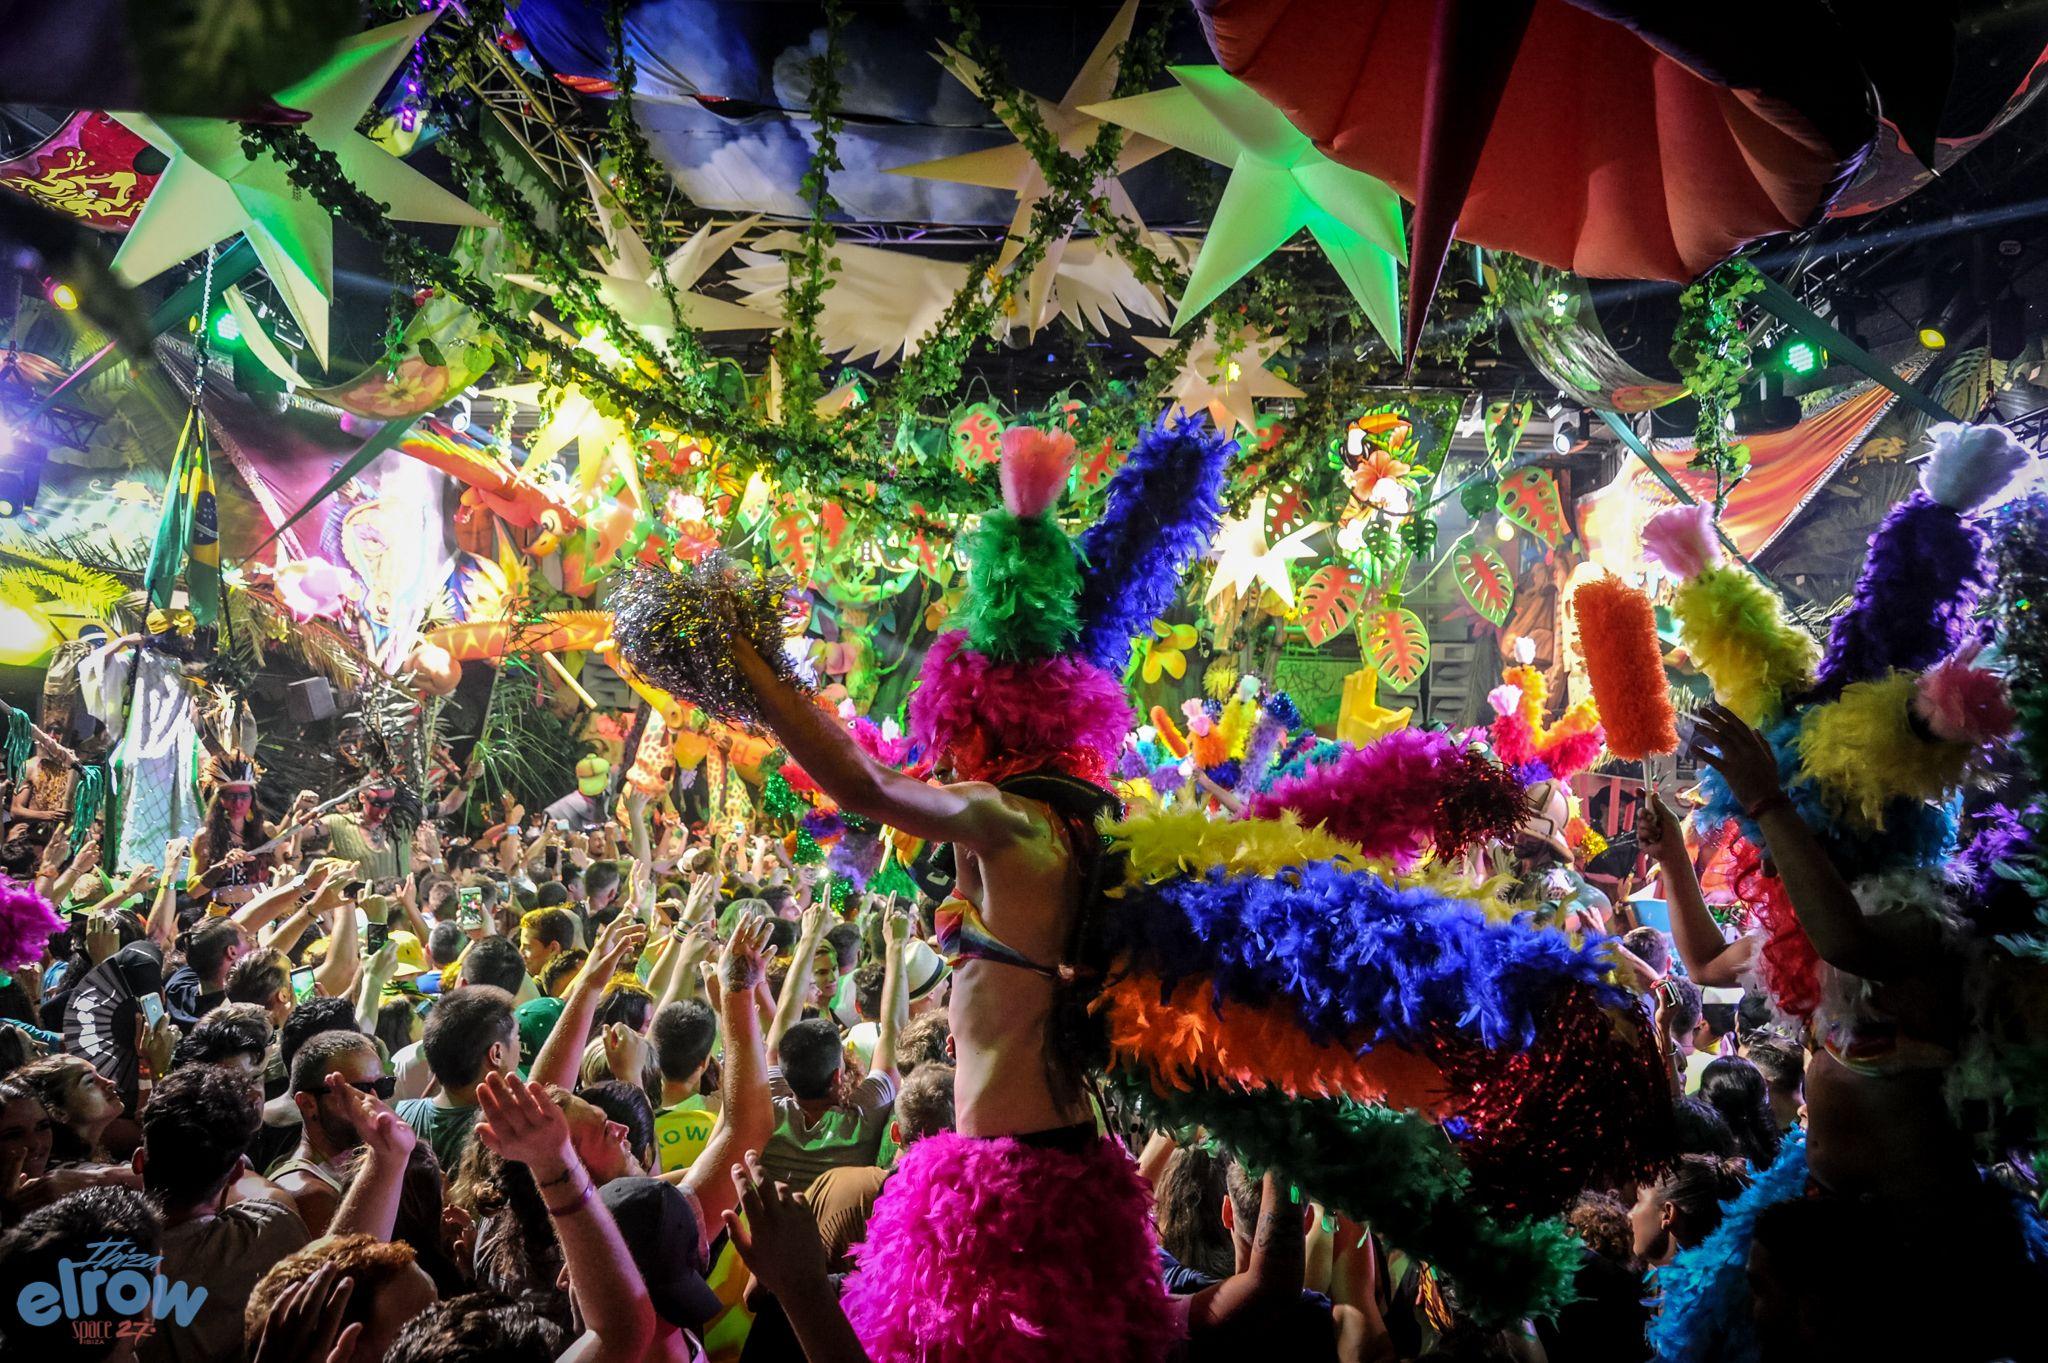 backstages.com.br/uma-pequena-restrospectiva-dos-festivais-de-2017